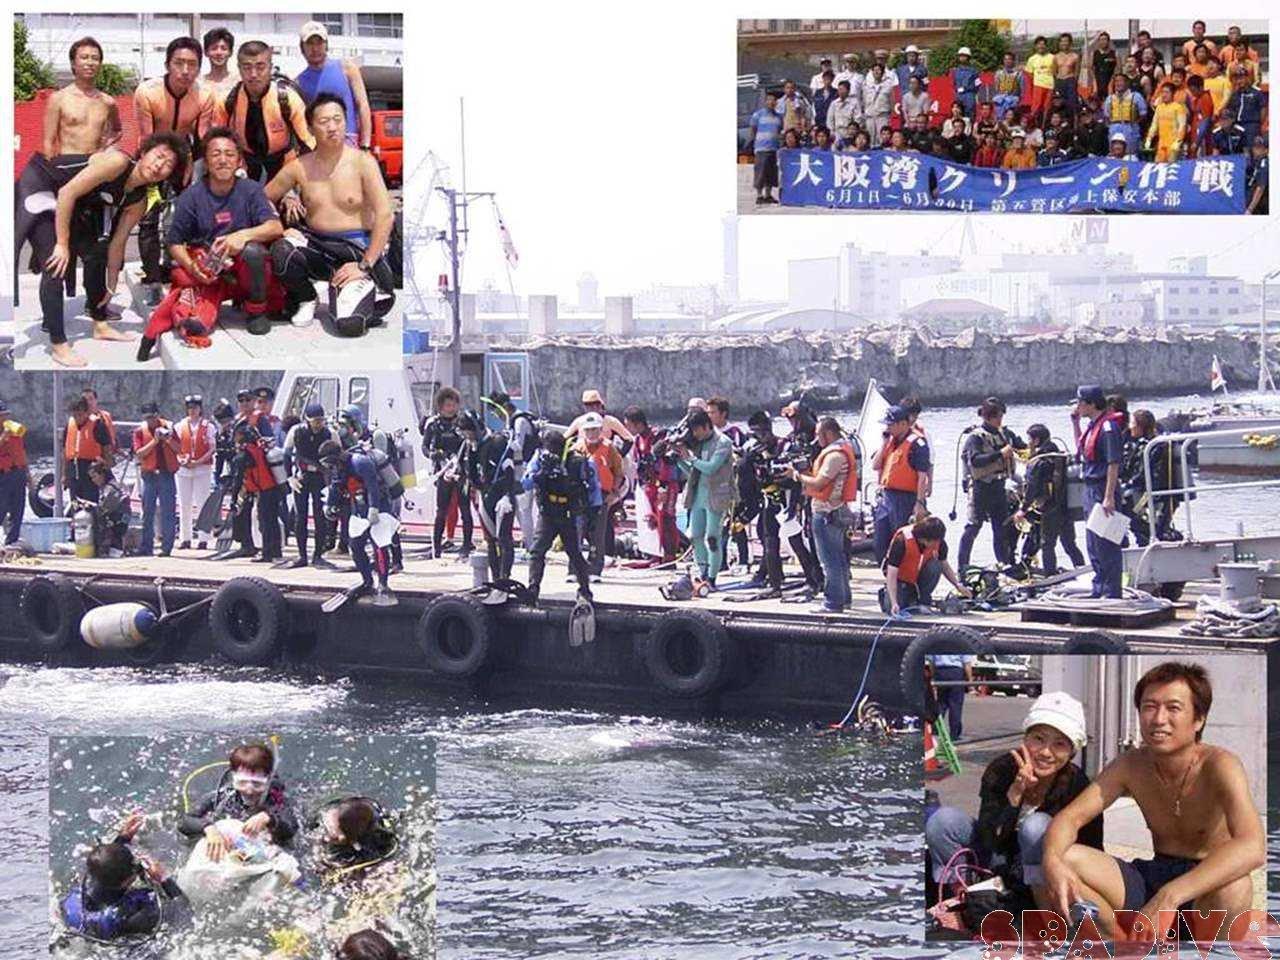 大阪湾クリーン作戦|6/5/2006大阪海遊館前